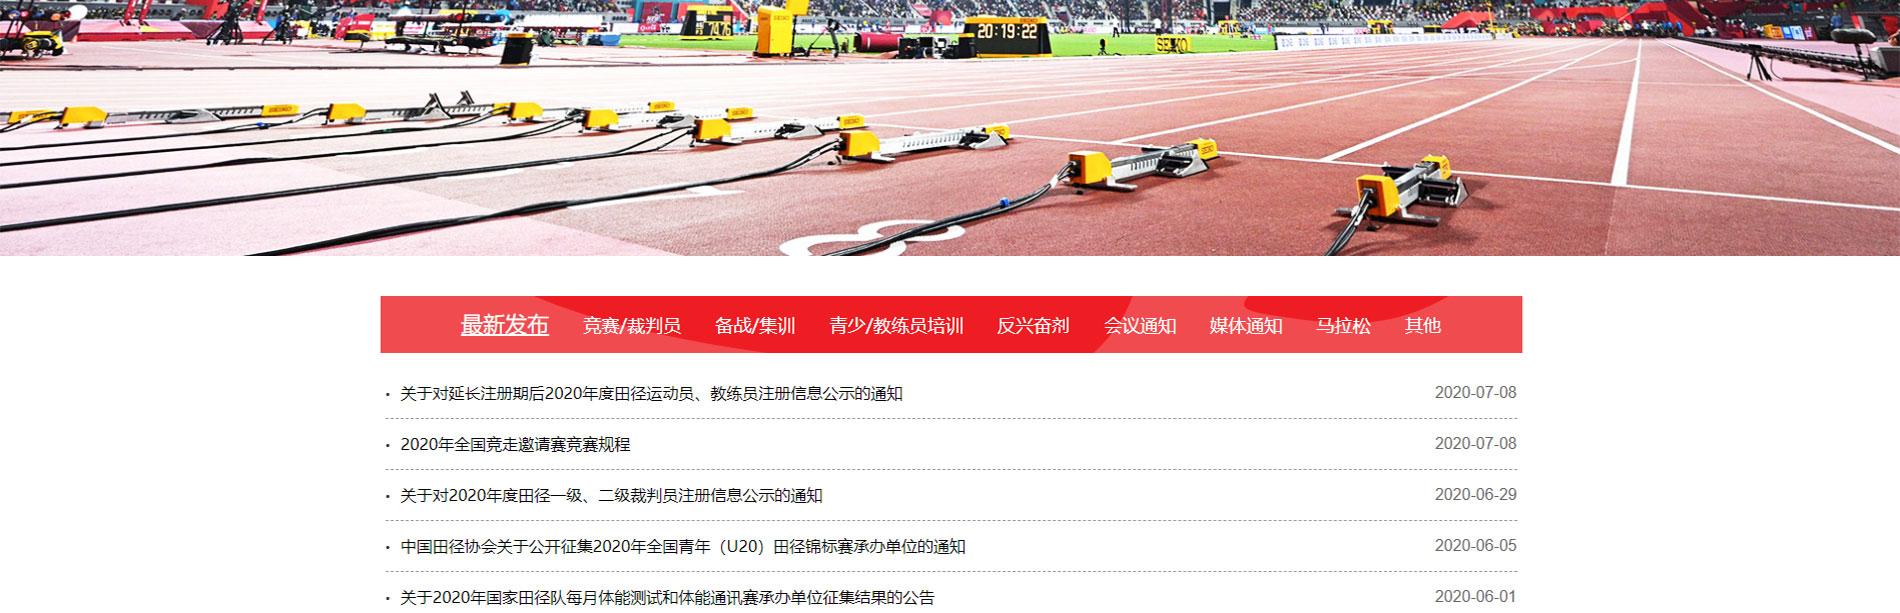 中国田径官网改版服务升级 协会实体化改革展露新荣